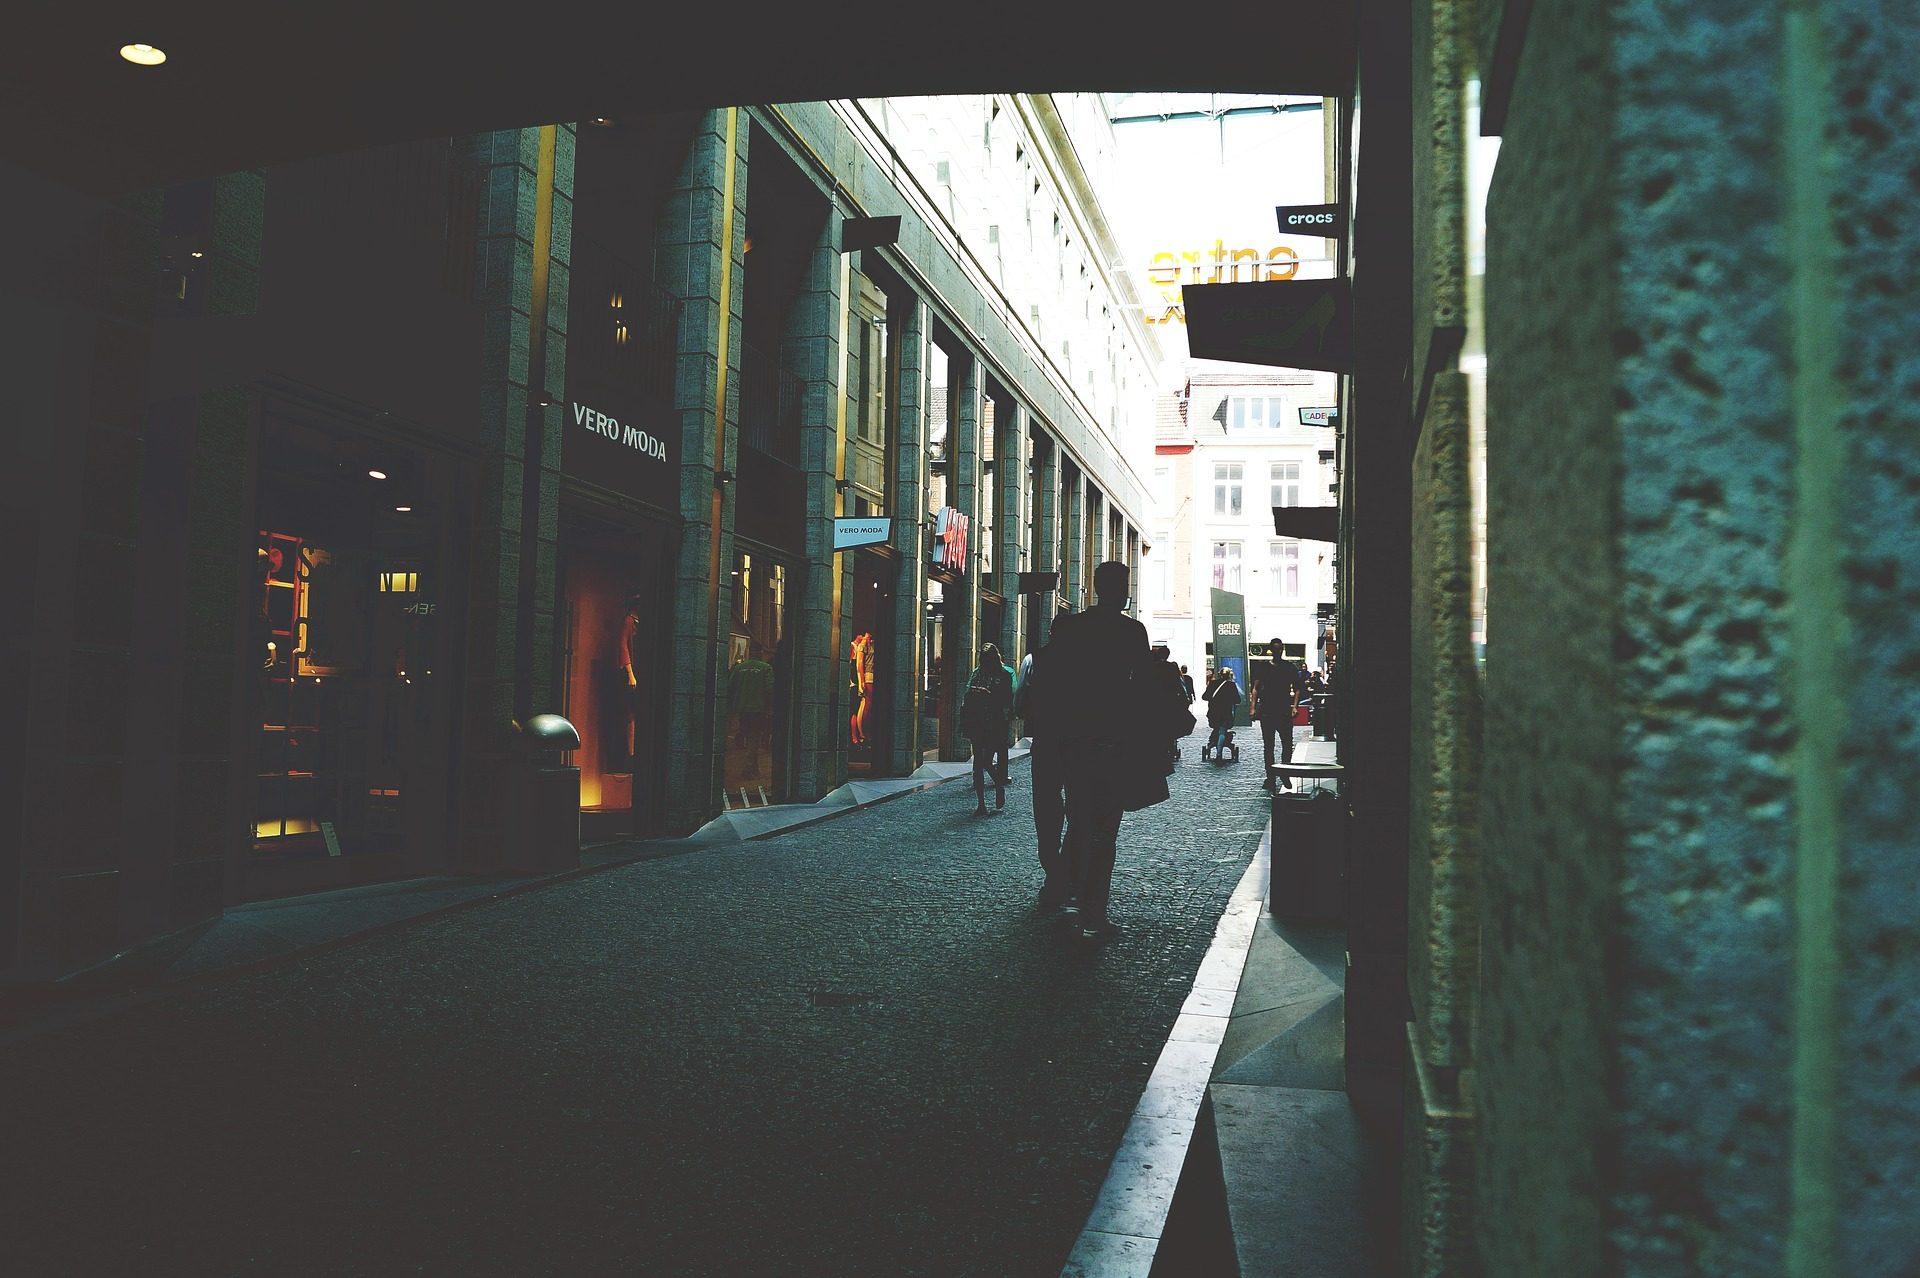 ストリート, 市, ショップ, 建物, ショッピング, 人 - HD の壁紙 - 教授-falken.com